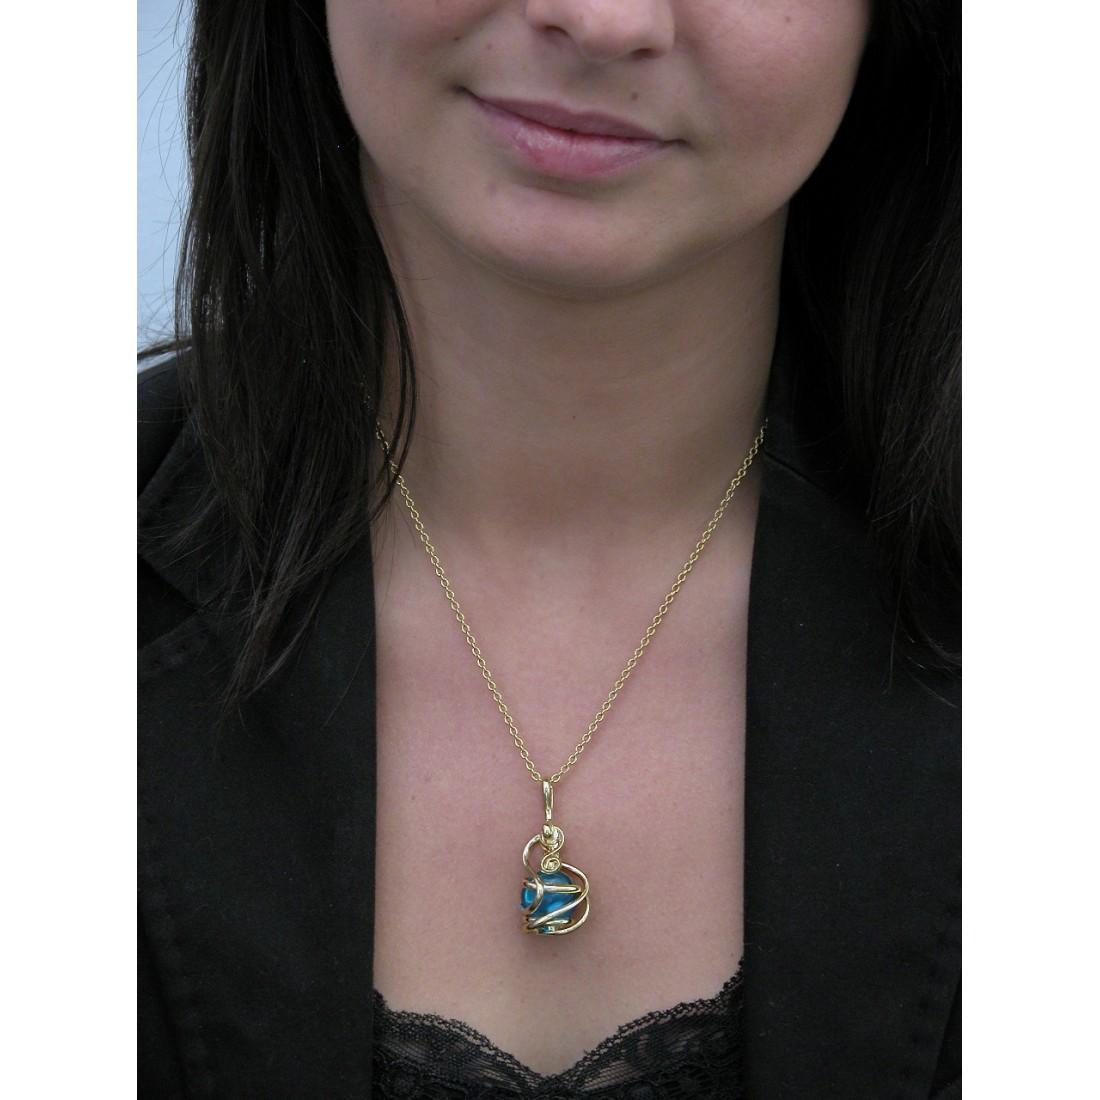 Création de bijoux-pendentif or et bleu clair.